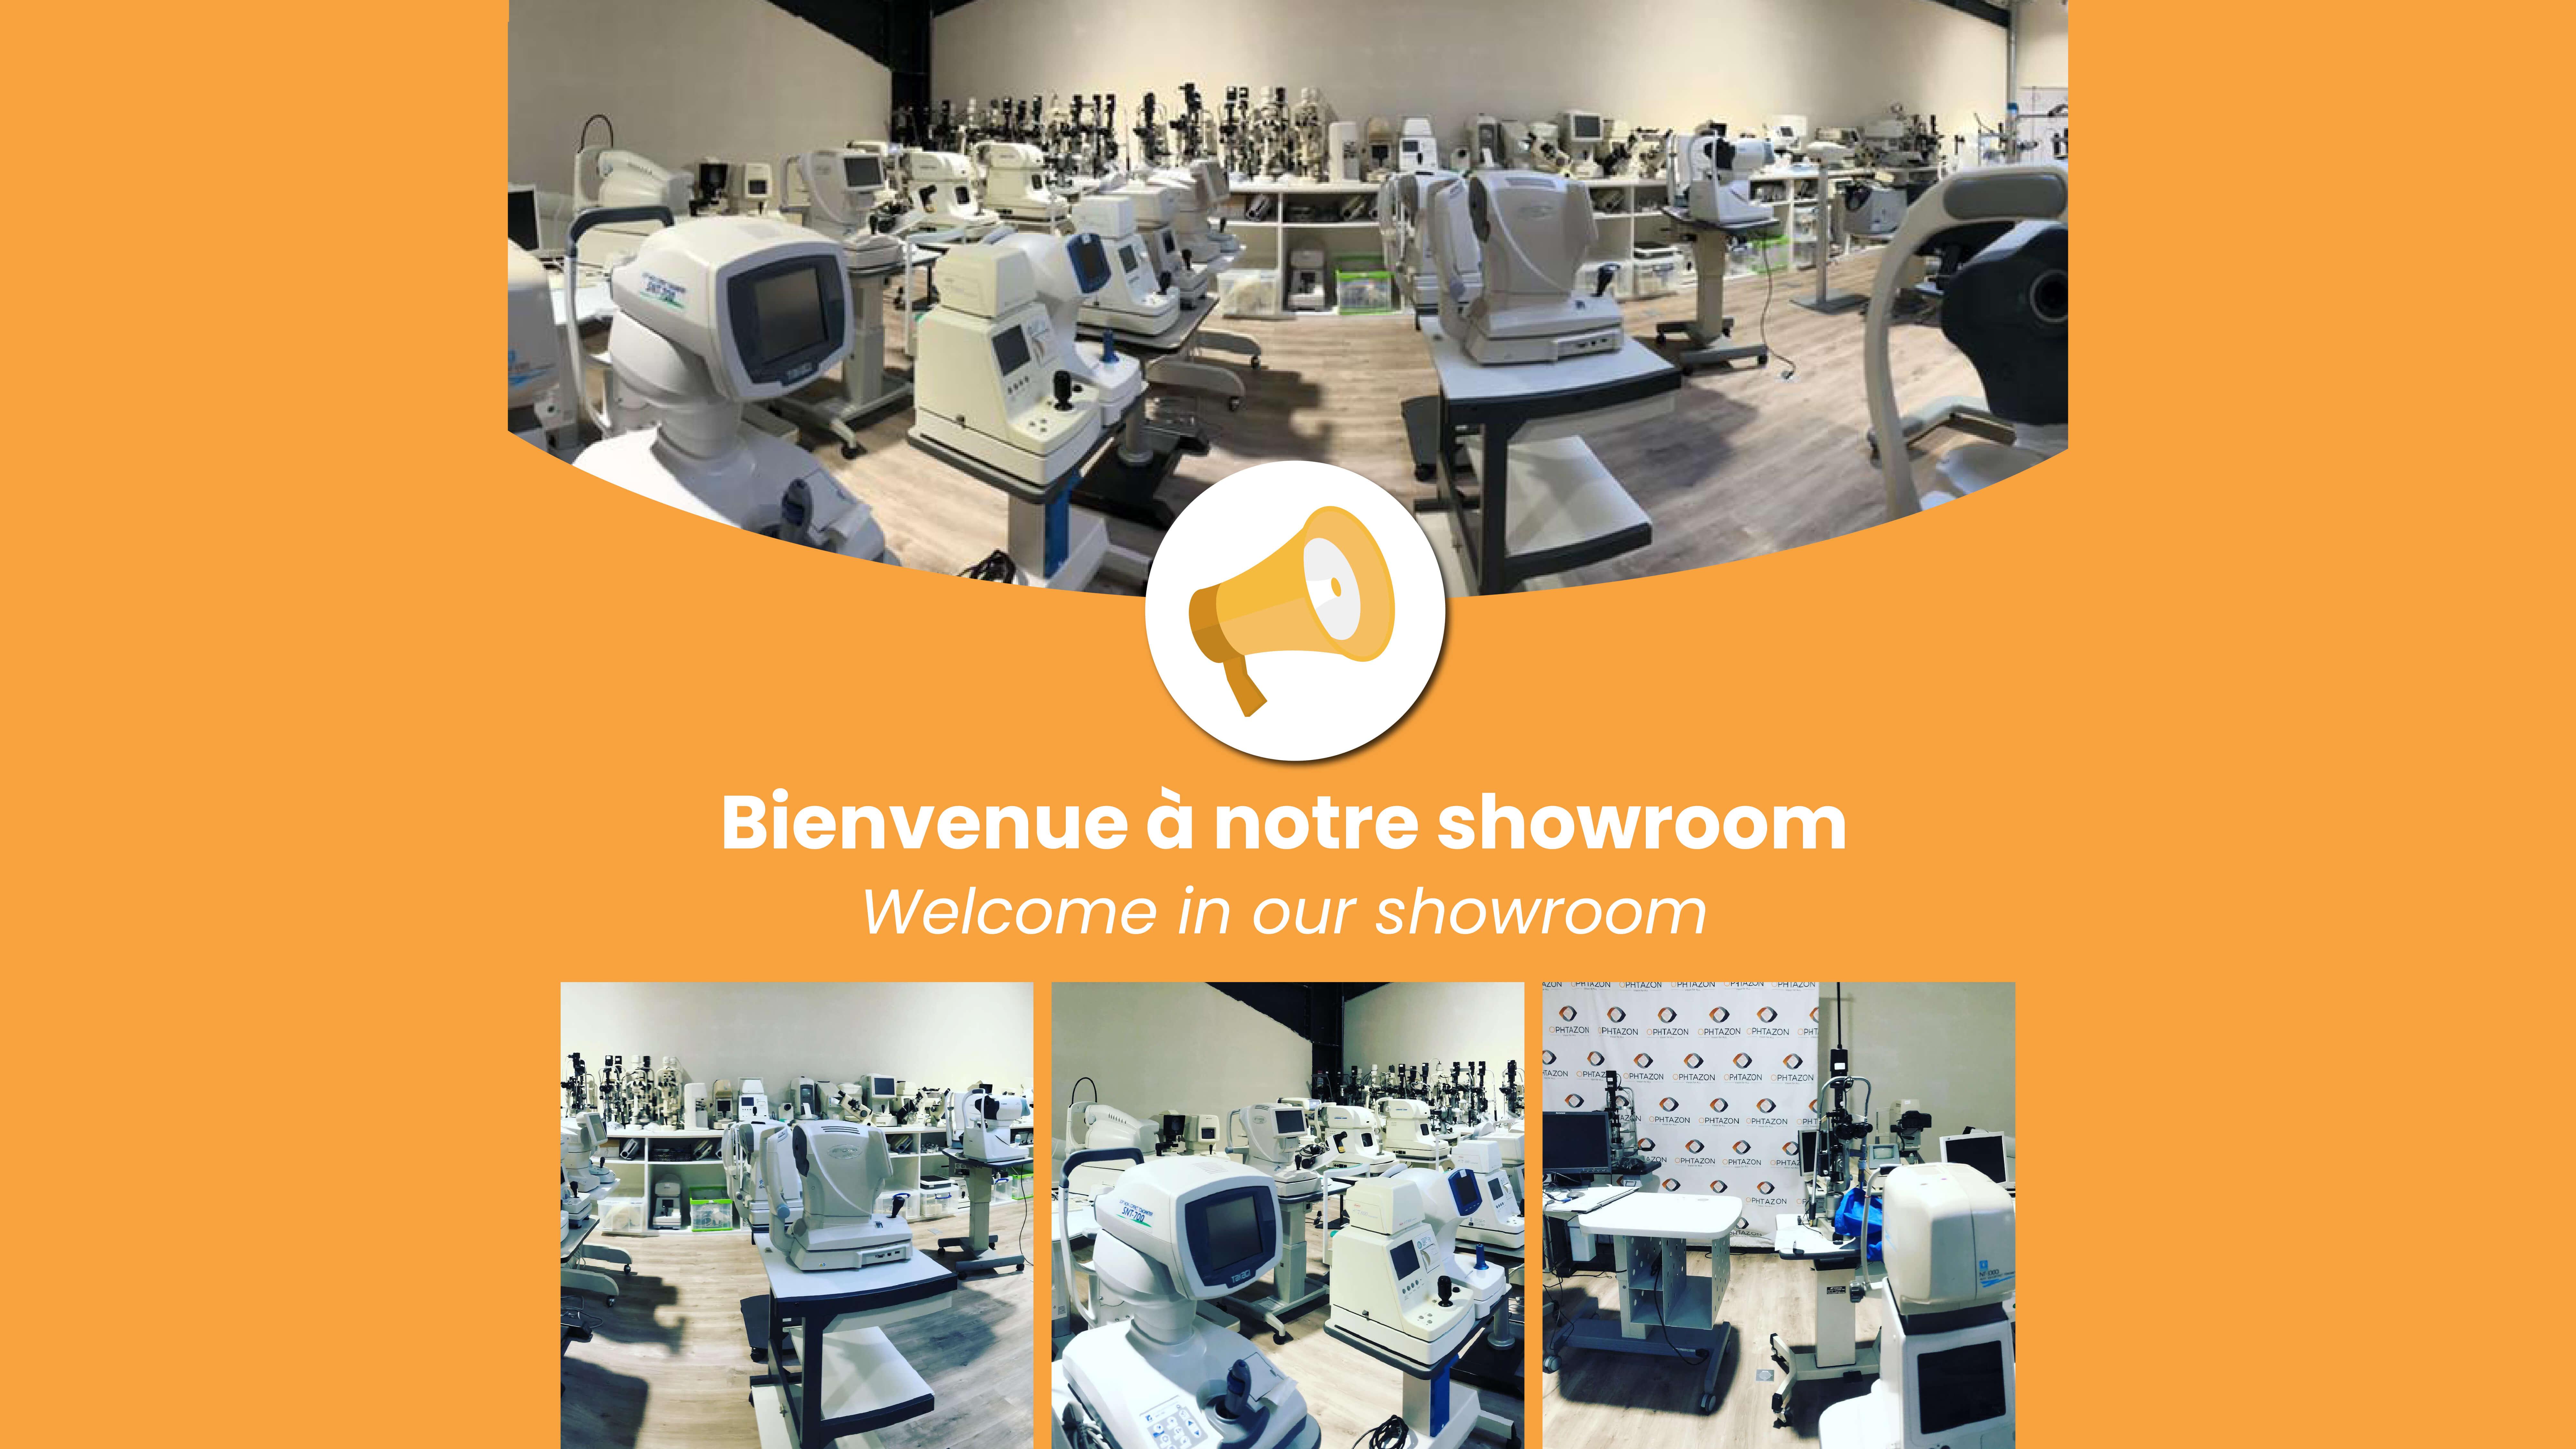 Bienvenue à notre showroom